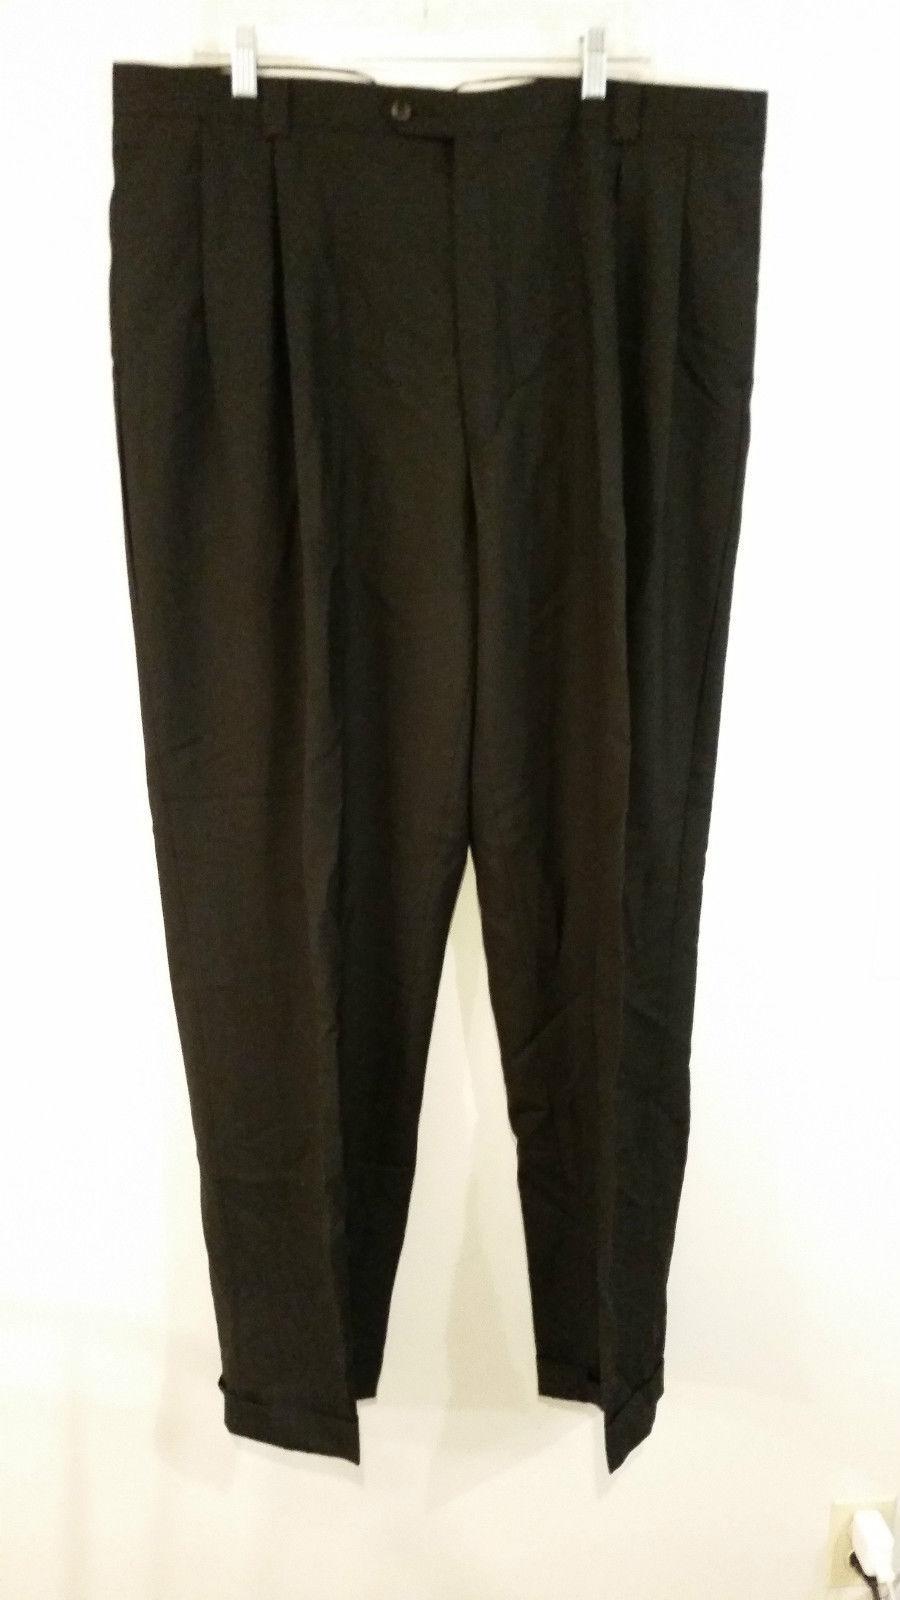 Black 100 Percent Wool FUBU Pleated Front Dress Pants 40W by 32L